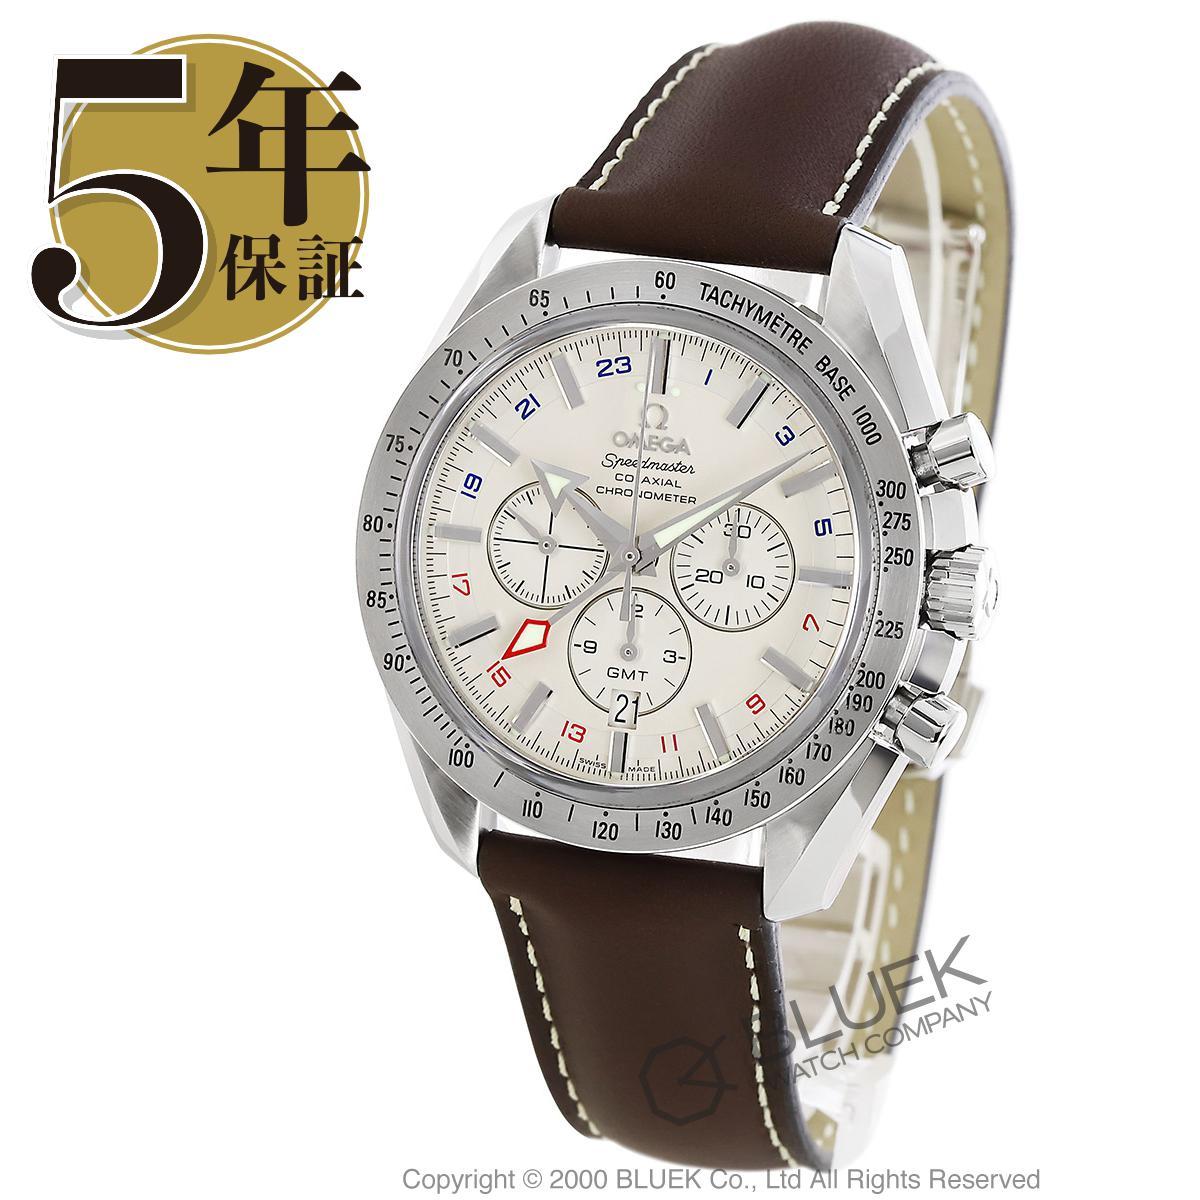 オメガ スピードマスター ブロードアロー クロノグラフ GMT 腕時計 メンズ OMEGA 3881.30.37_8